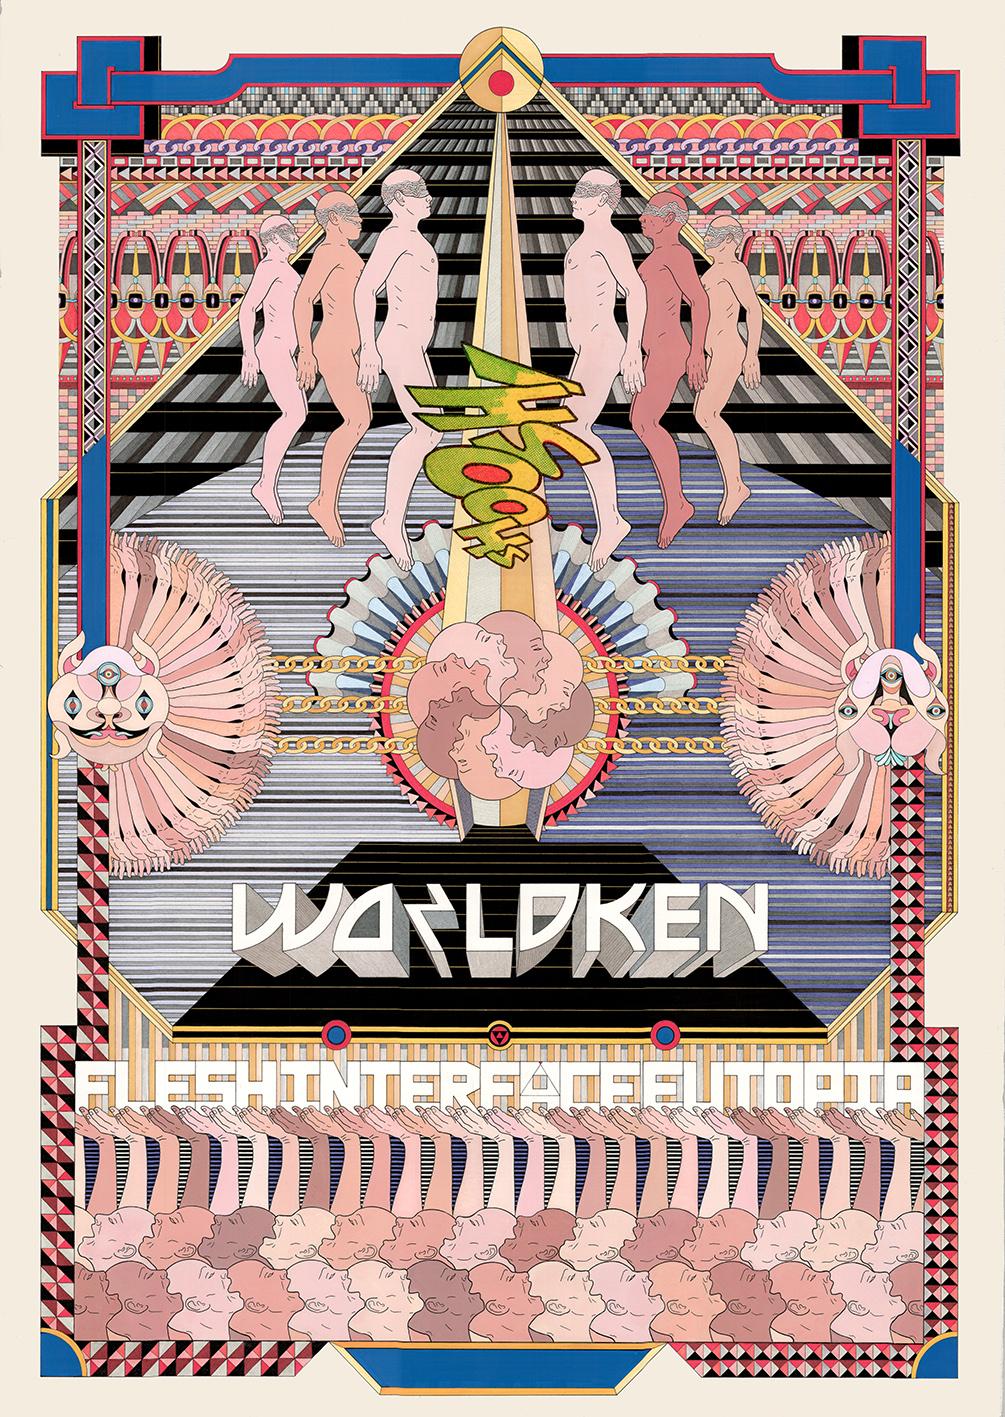 Worldken, 2017